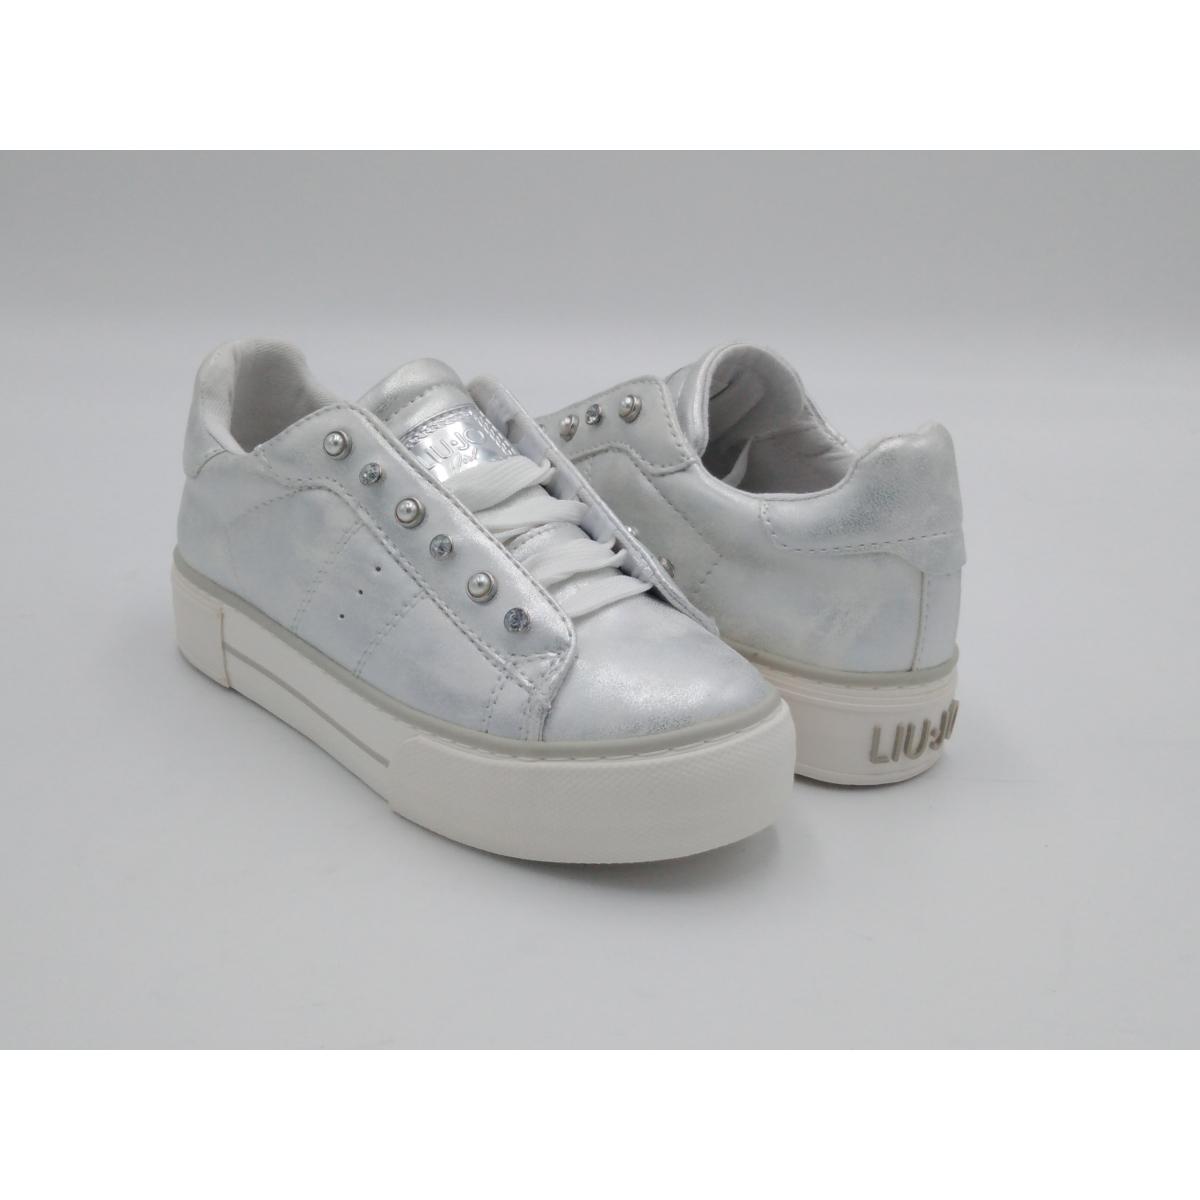 Liu Jo -Sneaker Lacci Argento